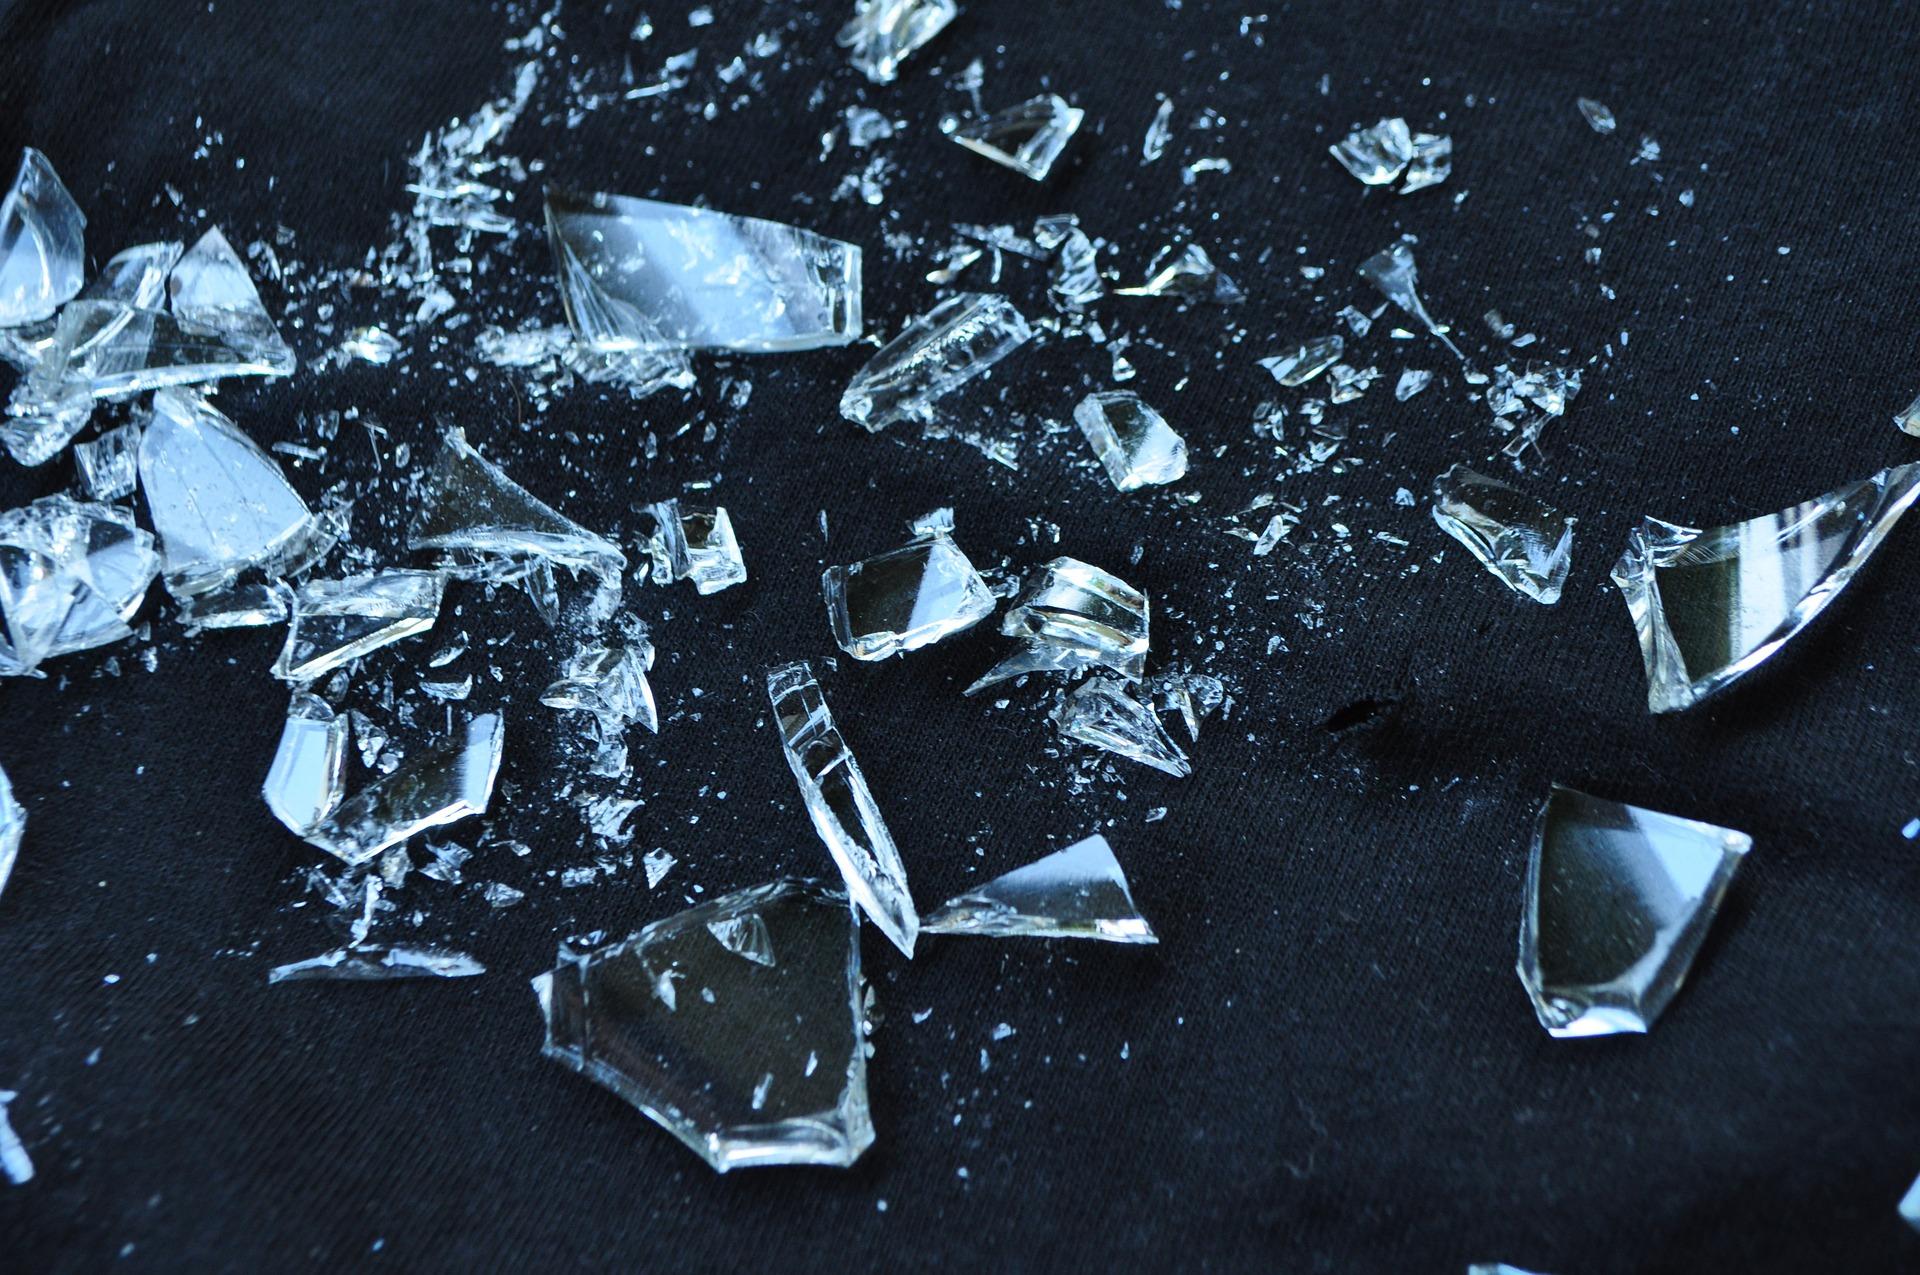 glass-1818065_1920